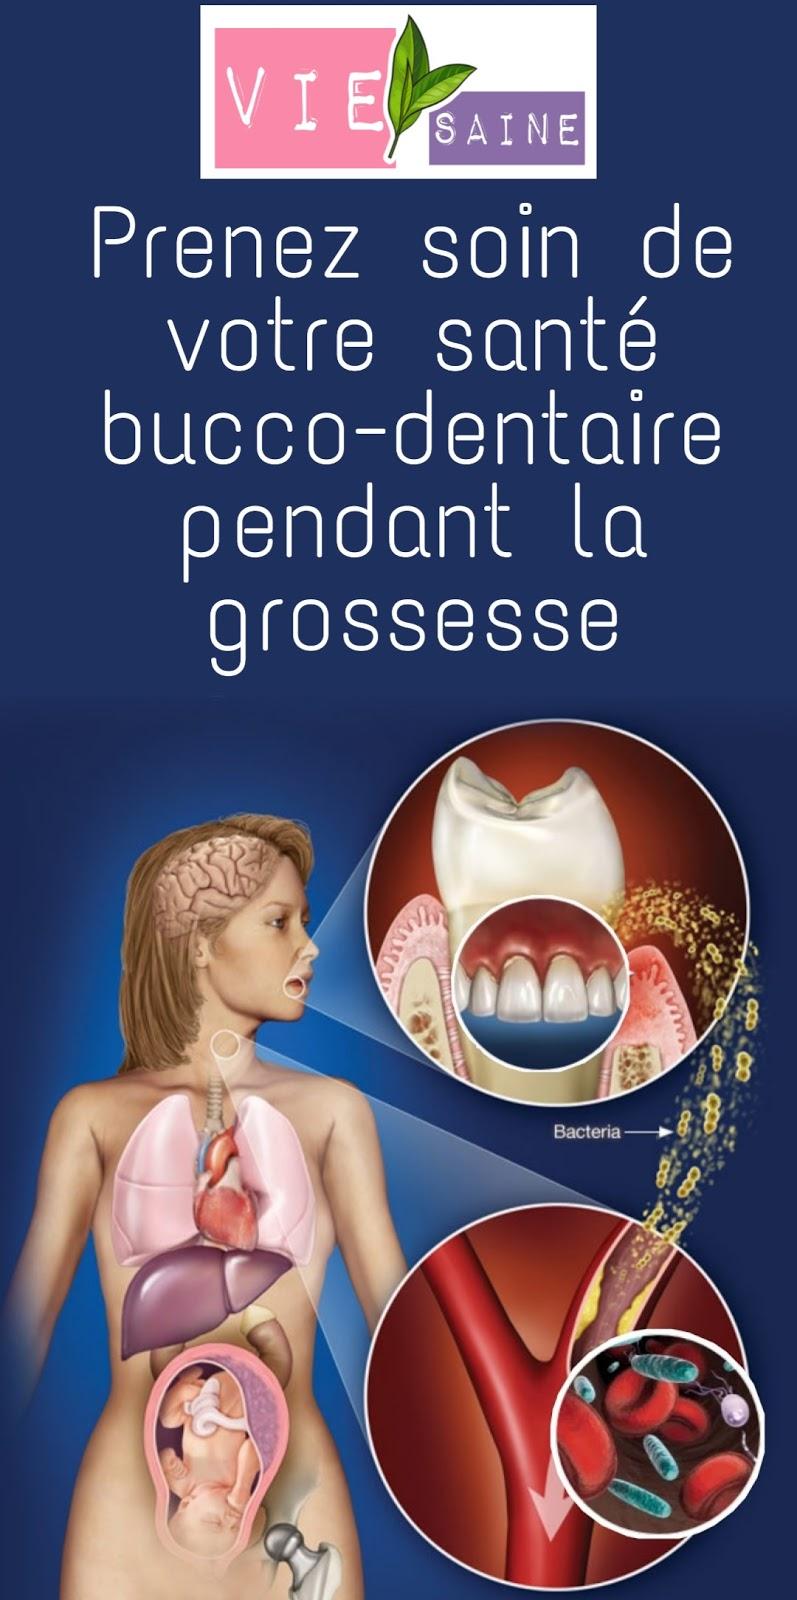 Prenez soin de votre santé bucco-dentaire pendant la grossesse